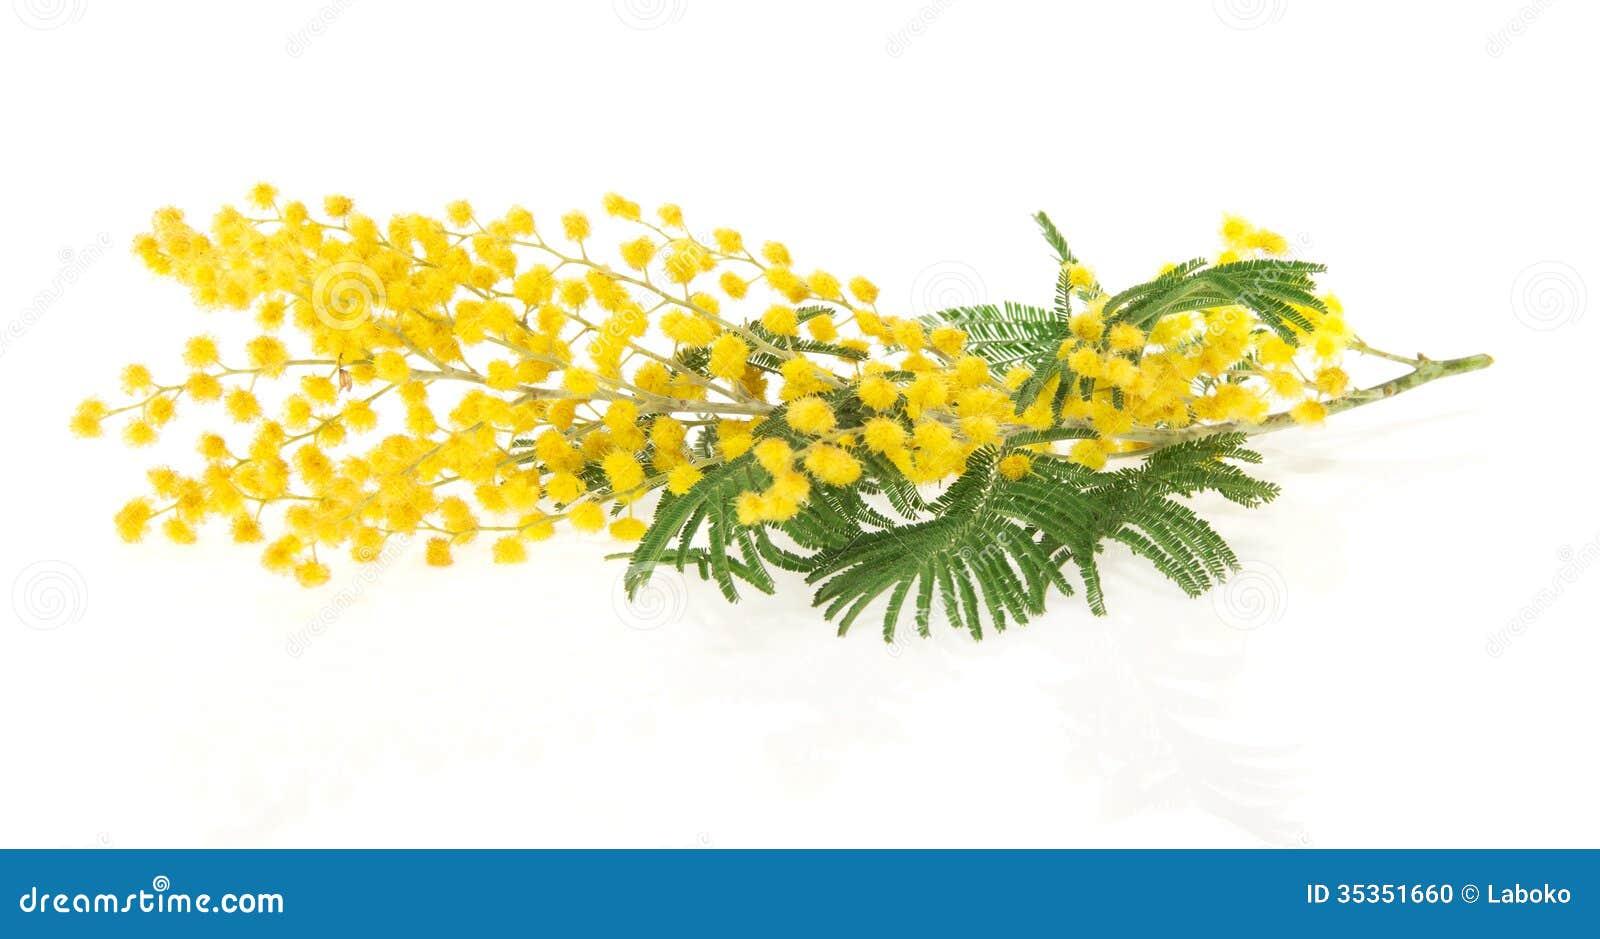 niederlassung der mimose stockfoto bild von feiertag 35351660. Black Bedroom Furniture Sets. Home Design Ideas